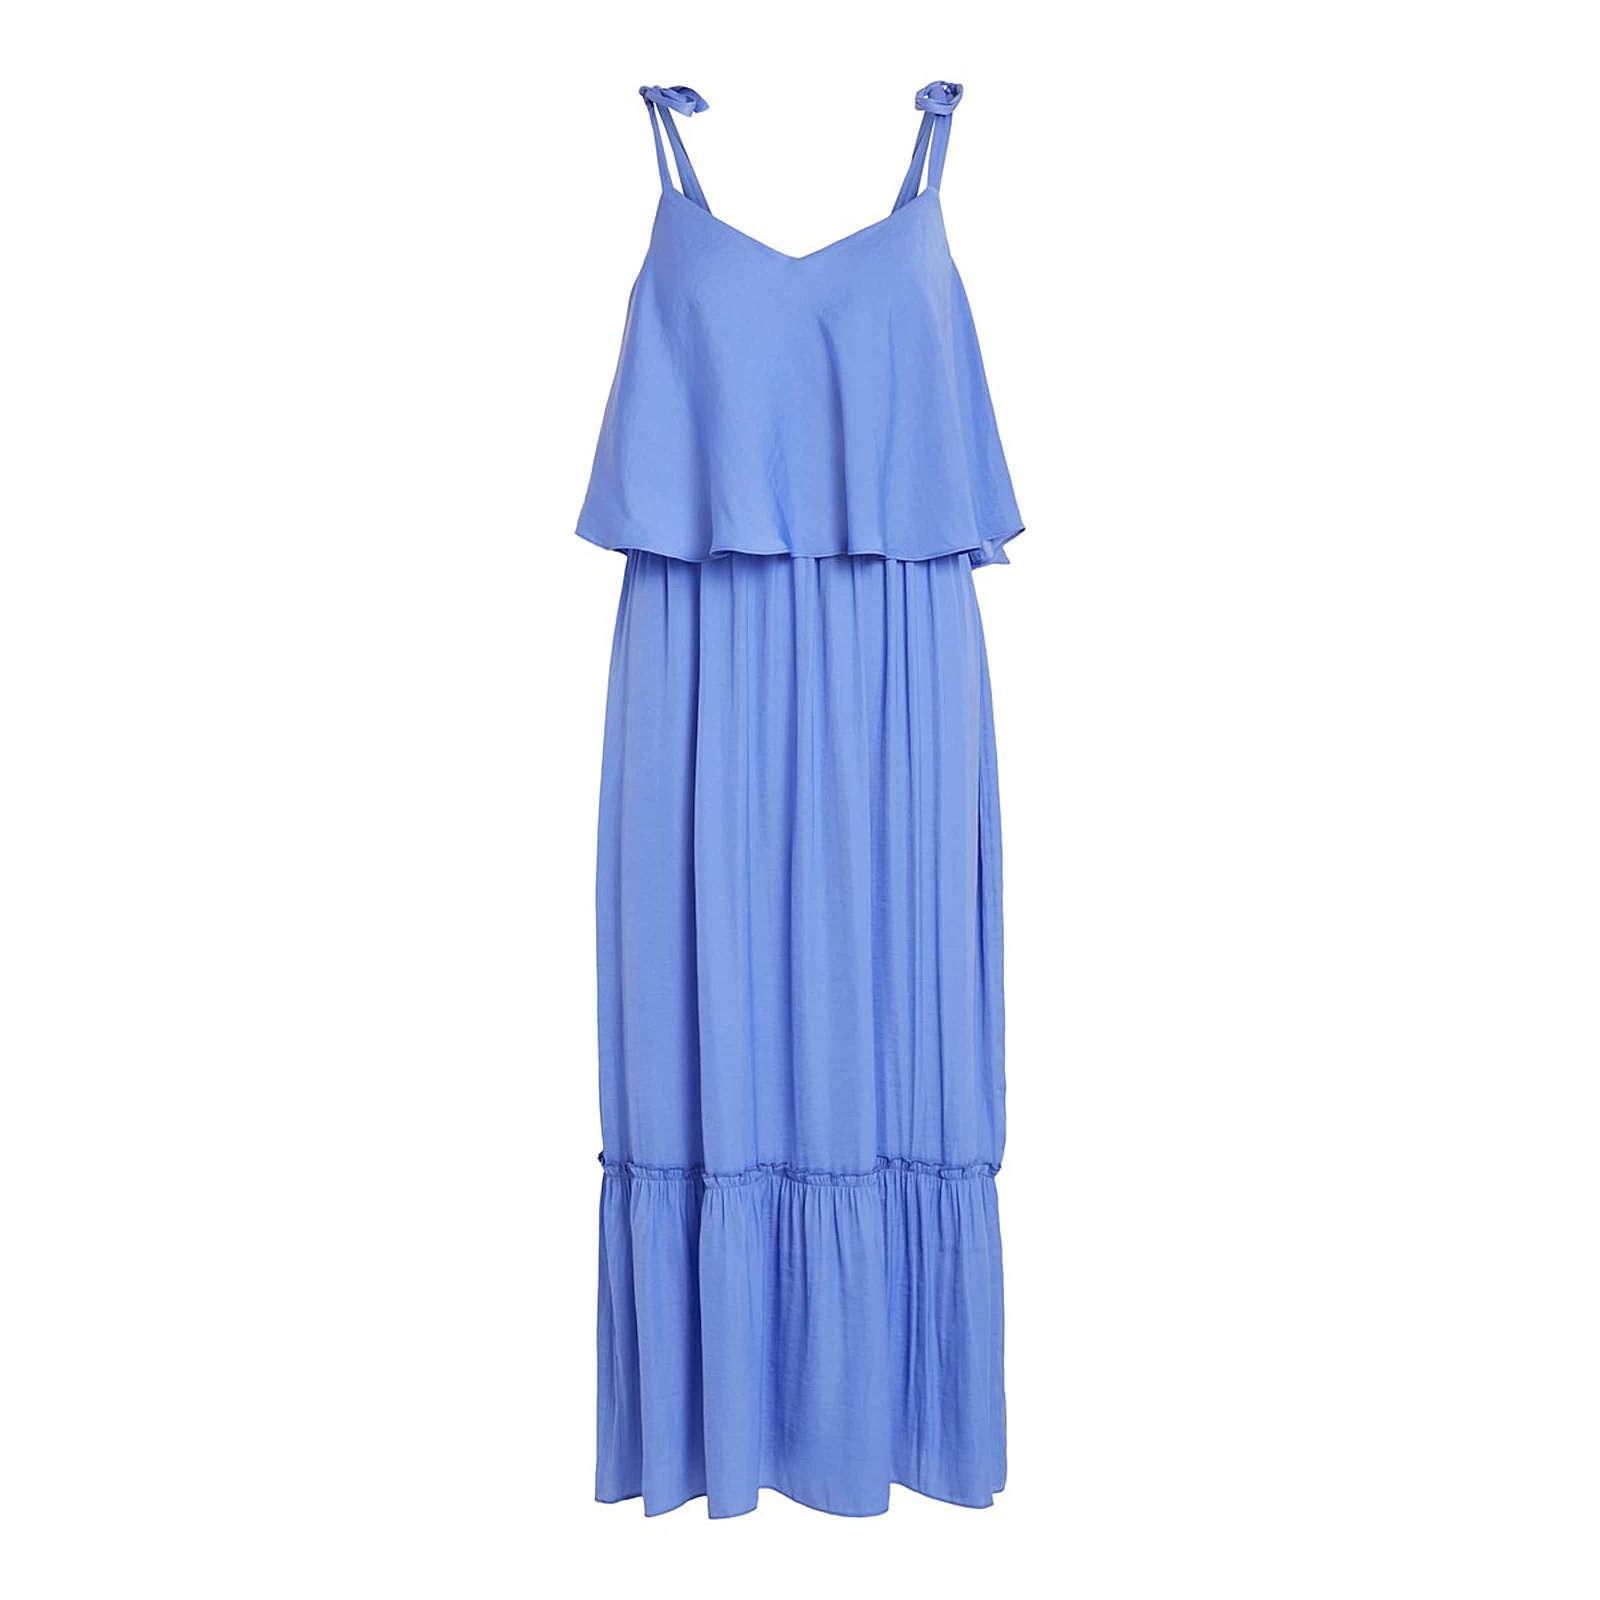 OBJECT Sommerkleid Sommerkleider royal Damen Gr. 36